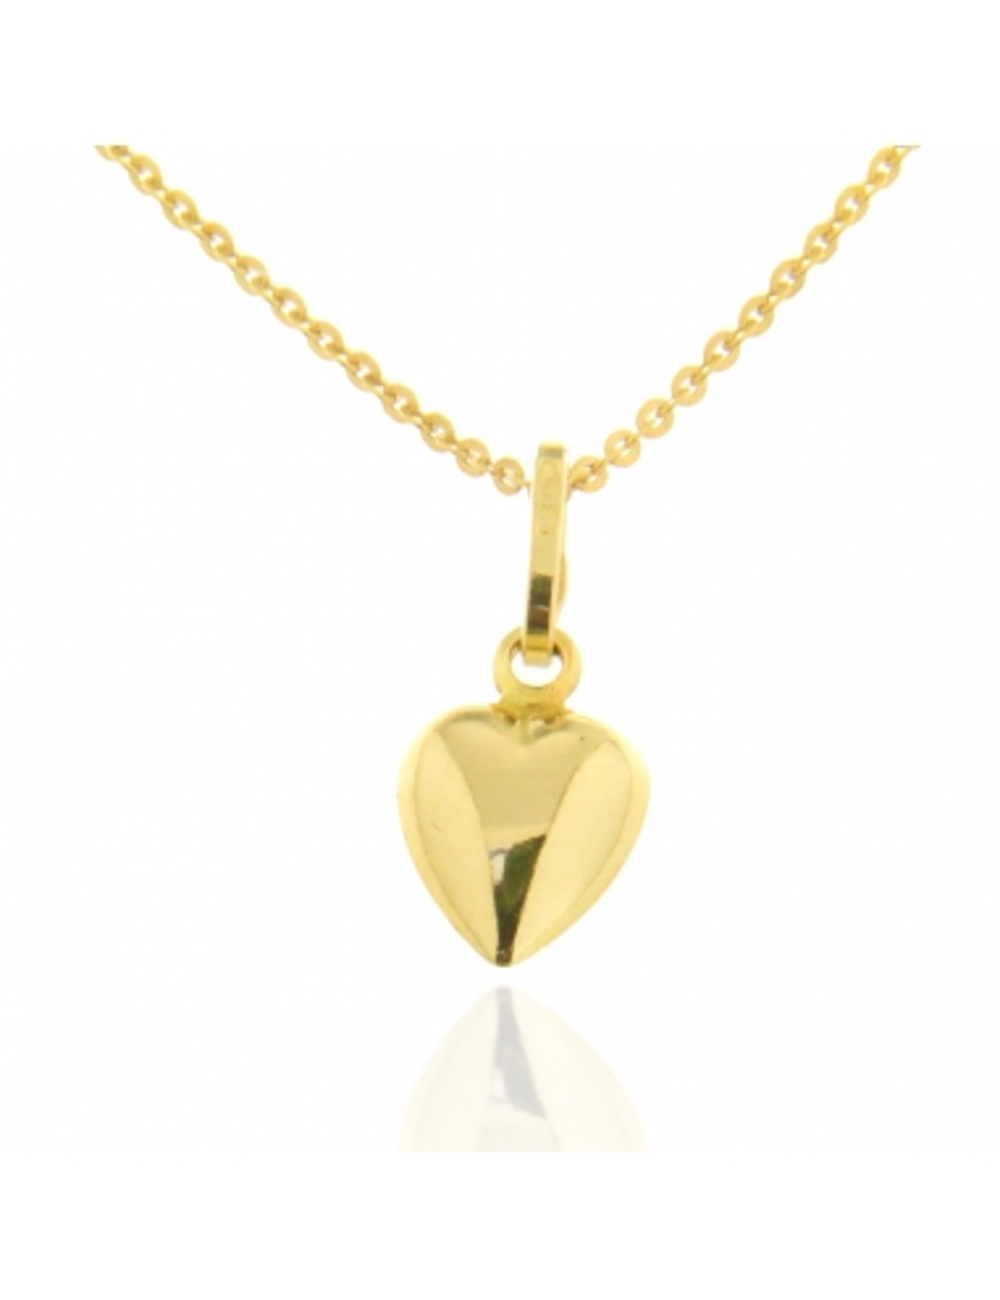 petit pendentif coeur plein or jaune